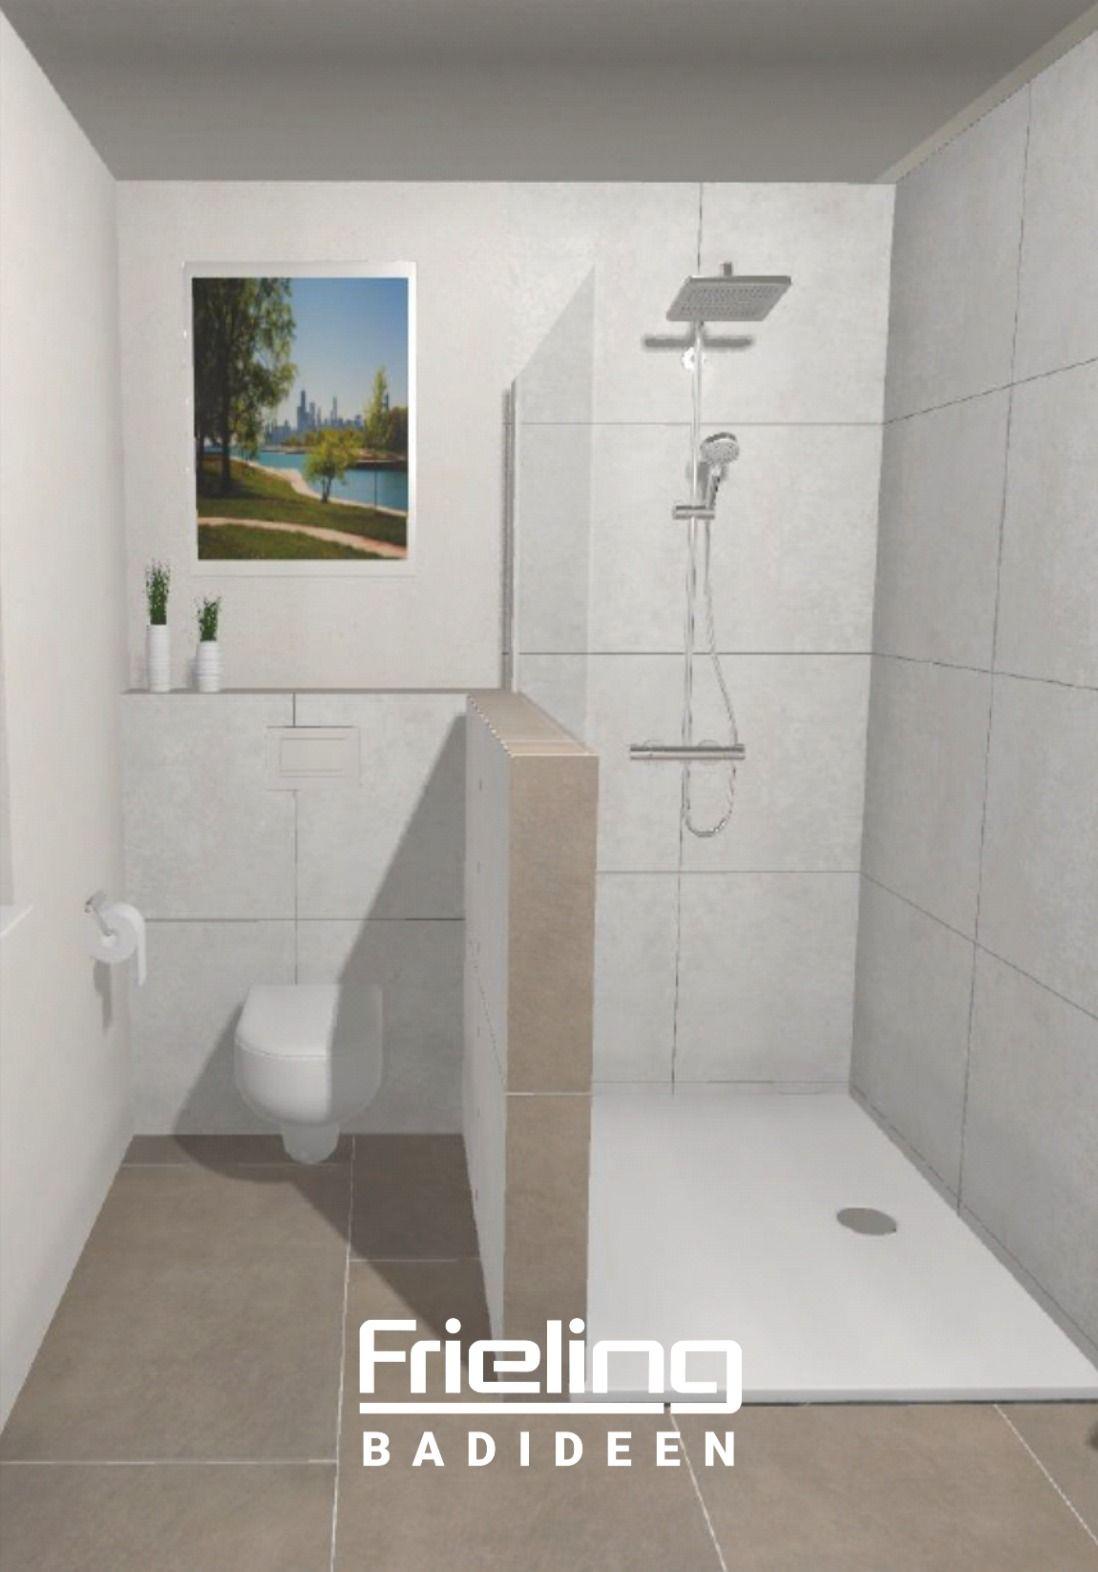 Nischen Nutzen Wand Als Sichtschutz Ziehen Glasabtrennung Familienbad In 2020 Walk In Dusche Badezimmerarmatur Badezimmereinrichtung